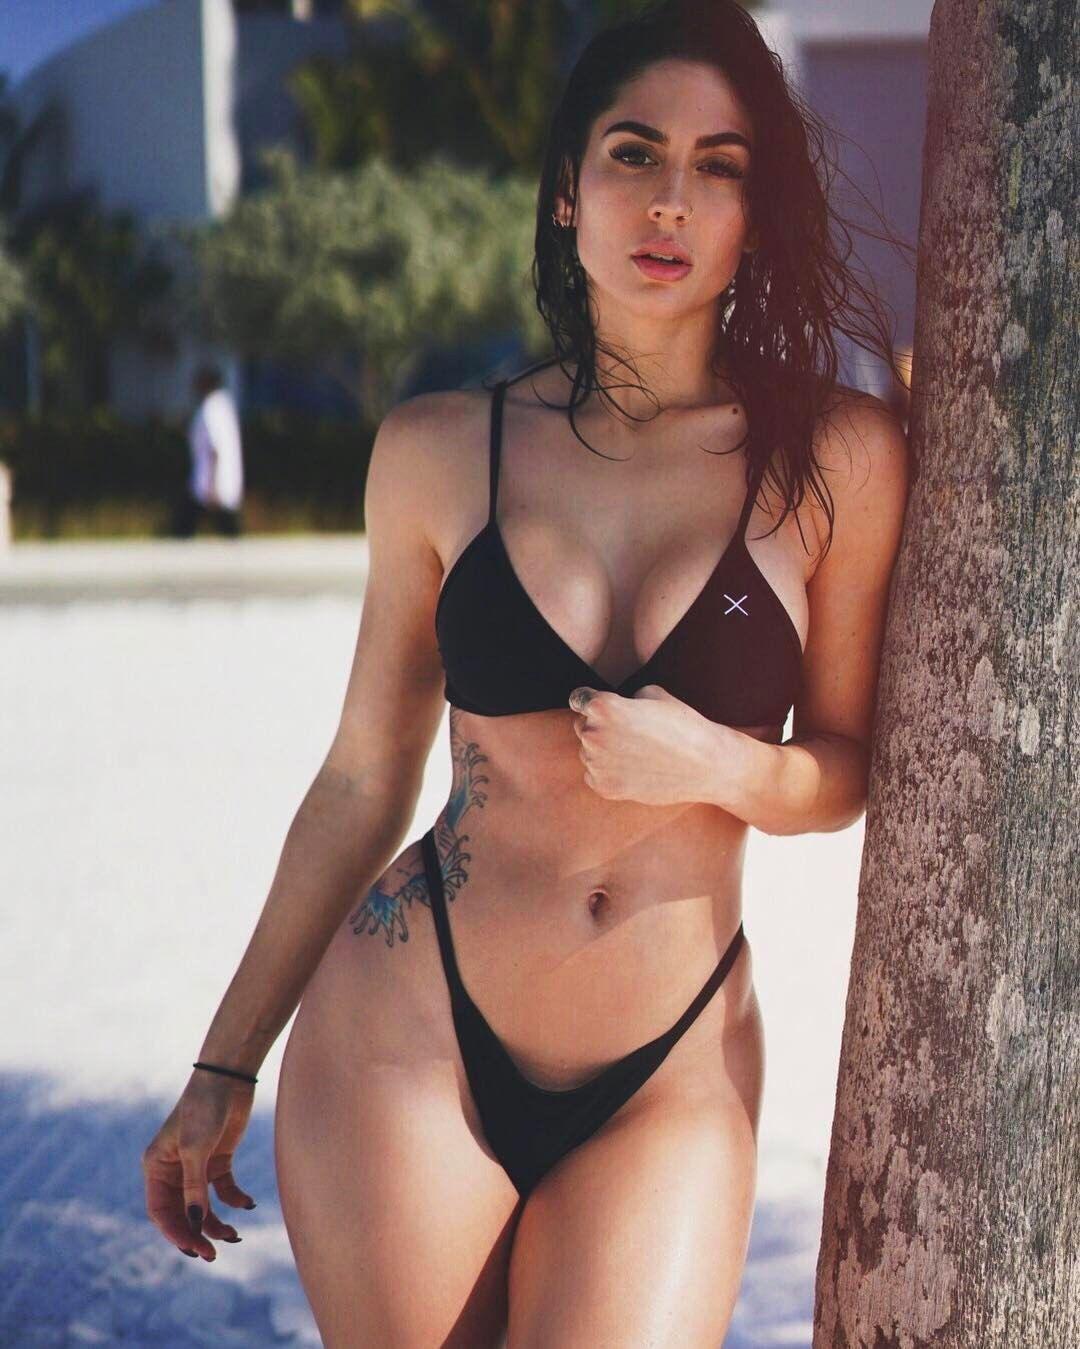 Hope Howard nude (34 pictures), photo Sideboobs, iCloud, lingerie 2019